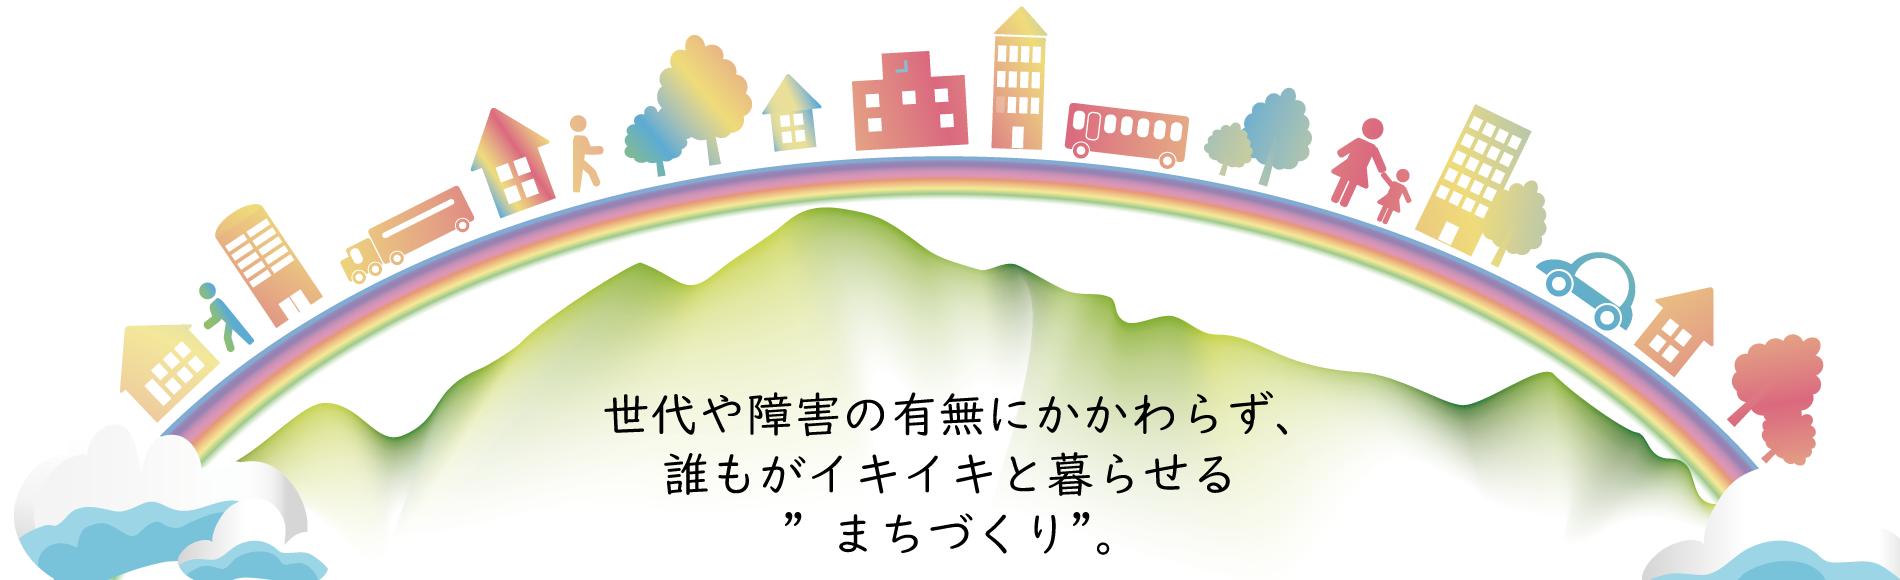 プレジャーワーク富山株式会社